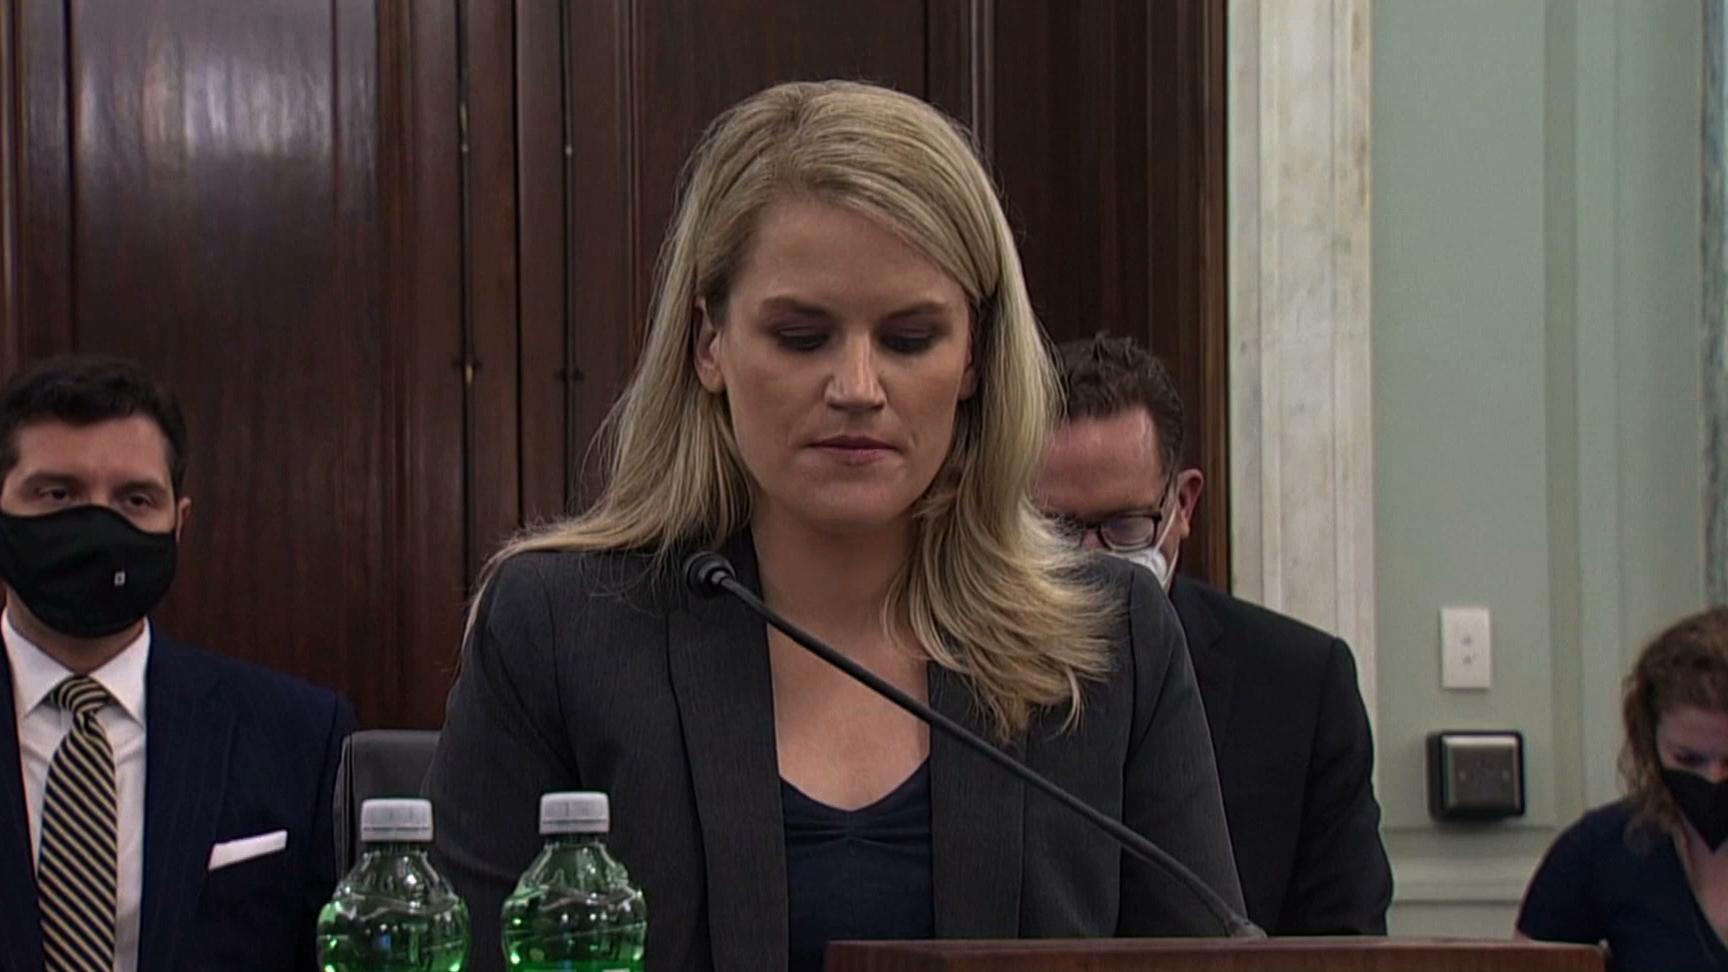 Frances Haugen obciąża Facebooka. Była managerka zeznawała przed komisją Senatu USA